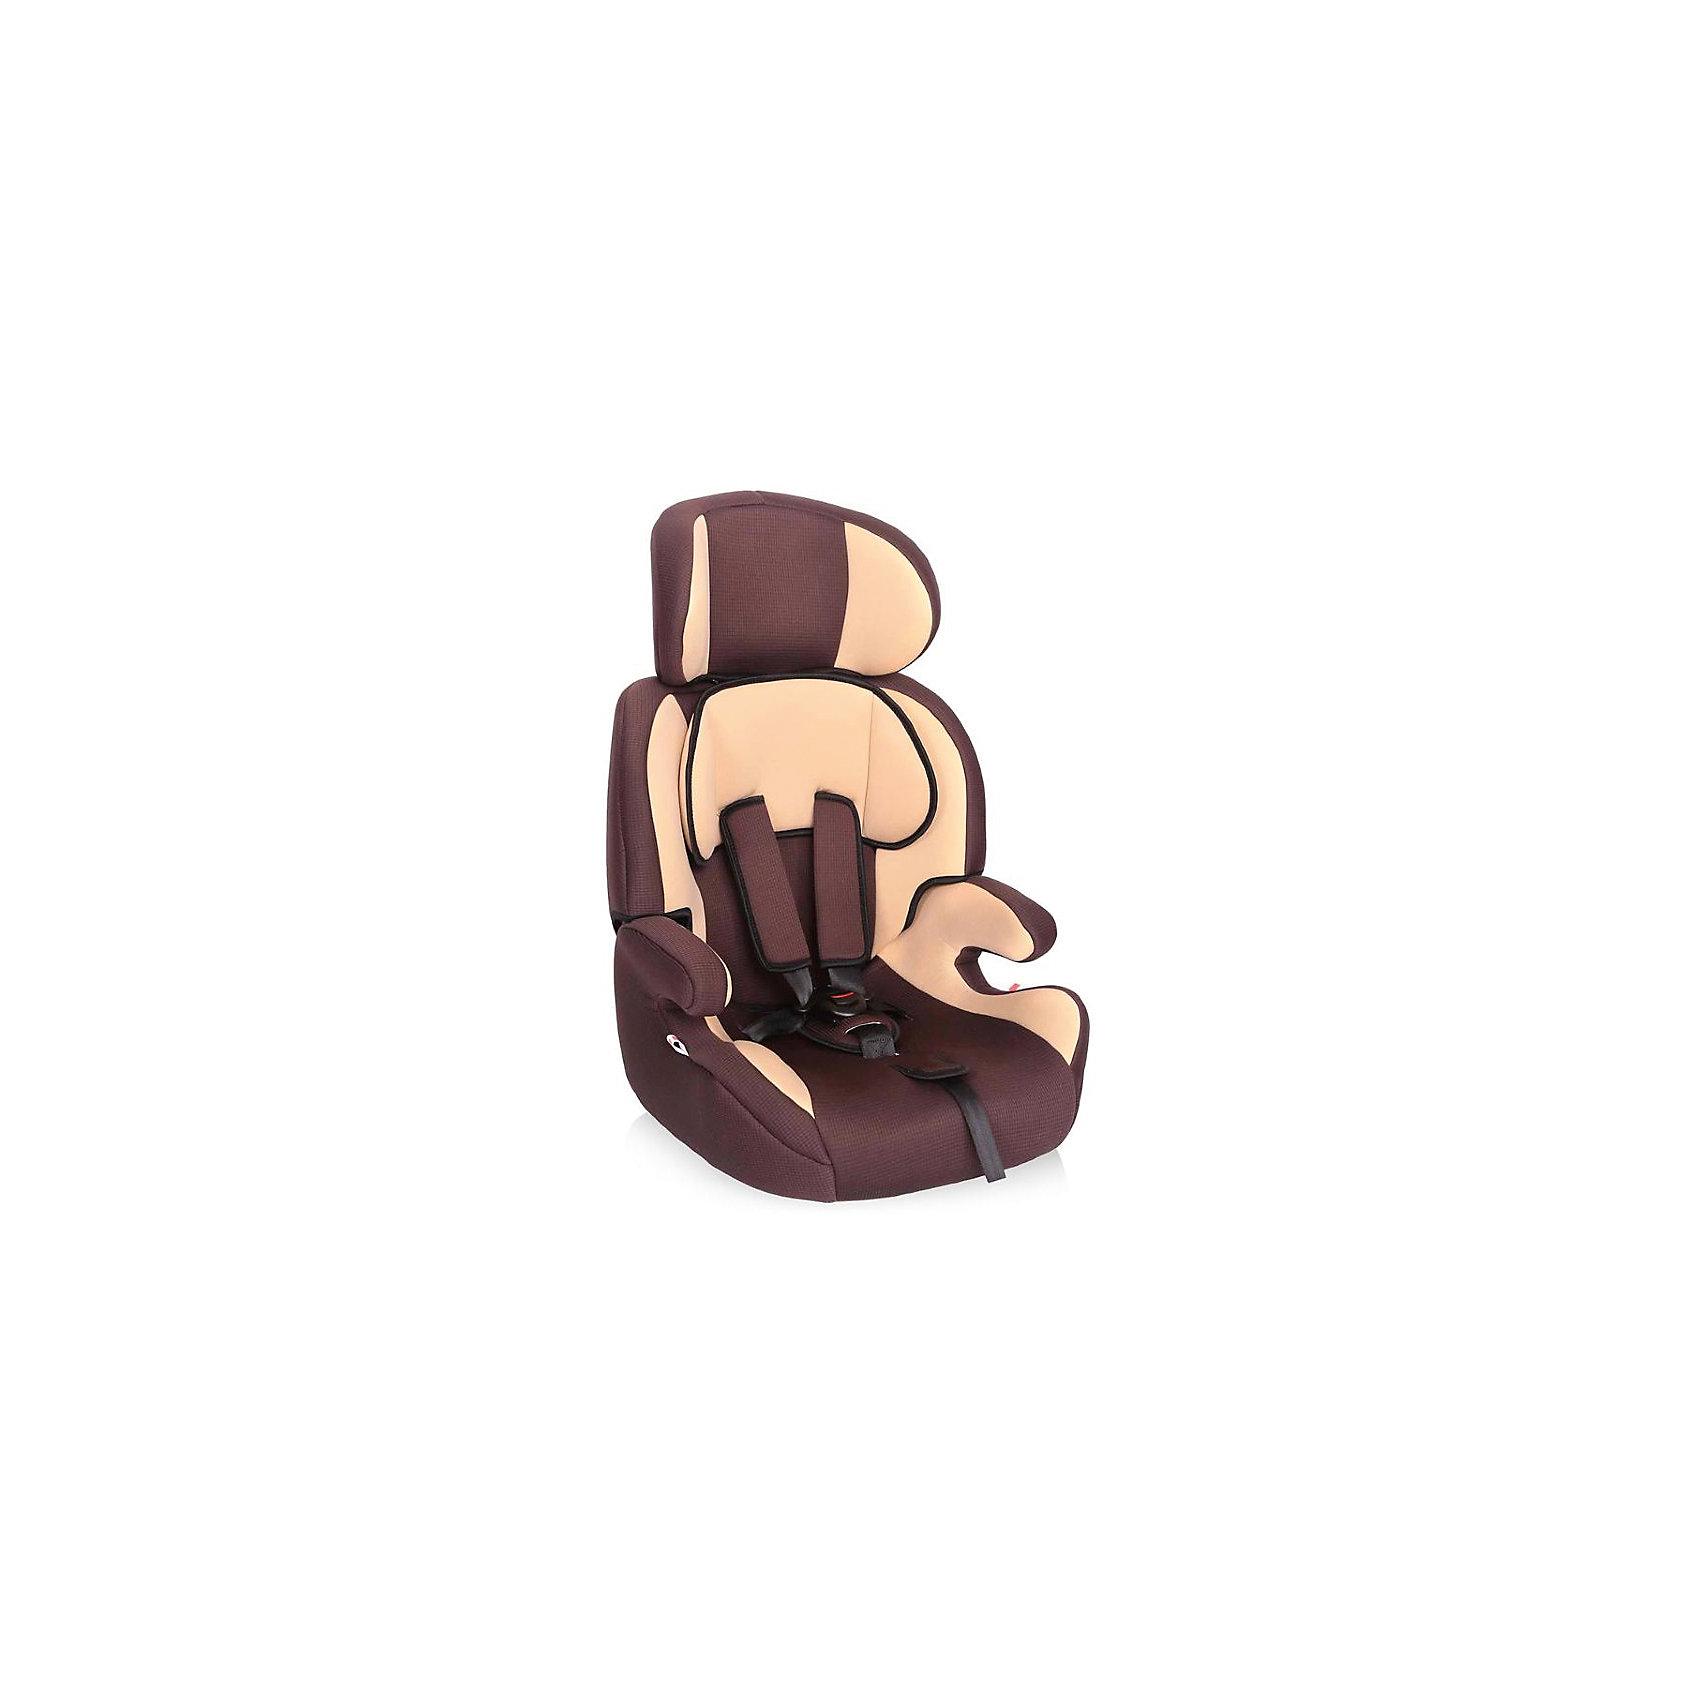 Автокресло Fregat, 9-36 кг., Zlatek, коричневыйFregat Zlatek современное автокресло, приятной расцветки, которое предназначено для детей от 12 месяцев до 12 лет. Кресло легко устанавливается в автомобиль при помощи штатных ремней безопасности по направлению движения автомобиля. Модель оснащена 5-точечными ремнями безопасности, которые регулируются под летнюю и зимнюю одежду ребенка.<br><br>Дополнительная информация:<br><br>- Материал: текстиль, пластик, металл.<br>- Размер: 66x60x50 см<br>- Возраст: от 1 года до 12 лет<br>- Группа: 1/2/3 (9-36 кг)<br>- Вес кресла: 5.5 кг<br>- Внутренние 5-точечные ремни безопасности<br>- Регулировка подголовника по высоте<br><br>Автокресло Fregat, 9-36 кг., Zlatek, коричневый можно купить в нашем интернет-магазине.<br><br>Ширина мм: 600<br>Глубина мм: 500<br>Высота мм: 660<br>Вес г: 5500<br>Возраст от месяцев: 12<br>Возраст до месяцев: 144<br>Пол: Унисекс<br>Возраст: Детский<br>SKU: 4809134